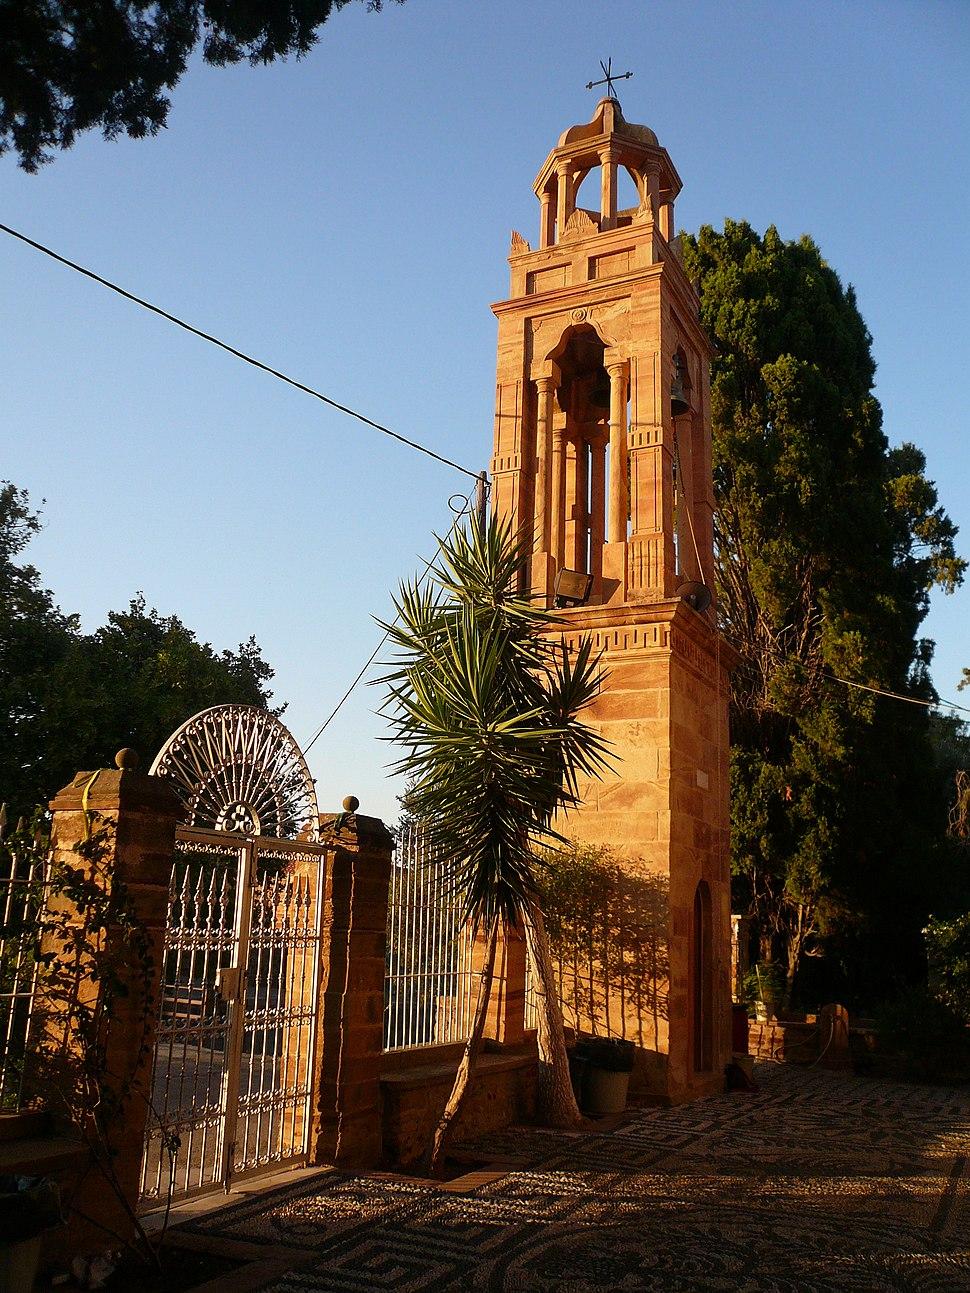 Κάμπος Χίου - Παναγία Αγιοδεκτεινή - Καμπαναριό